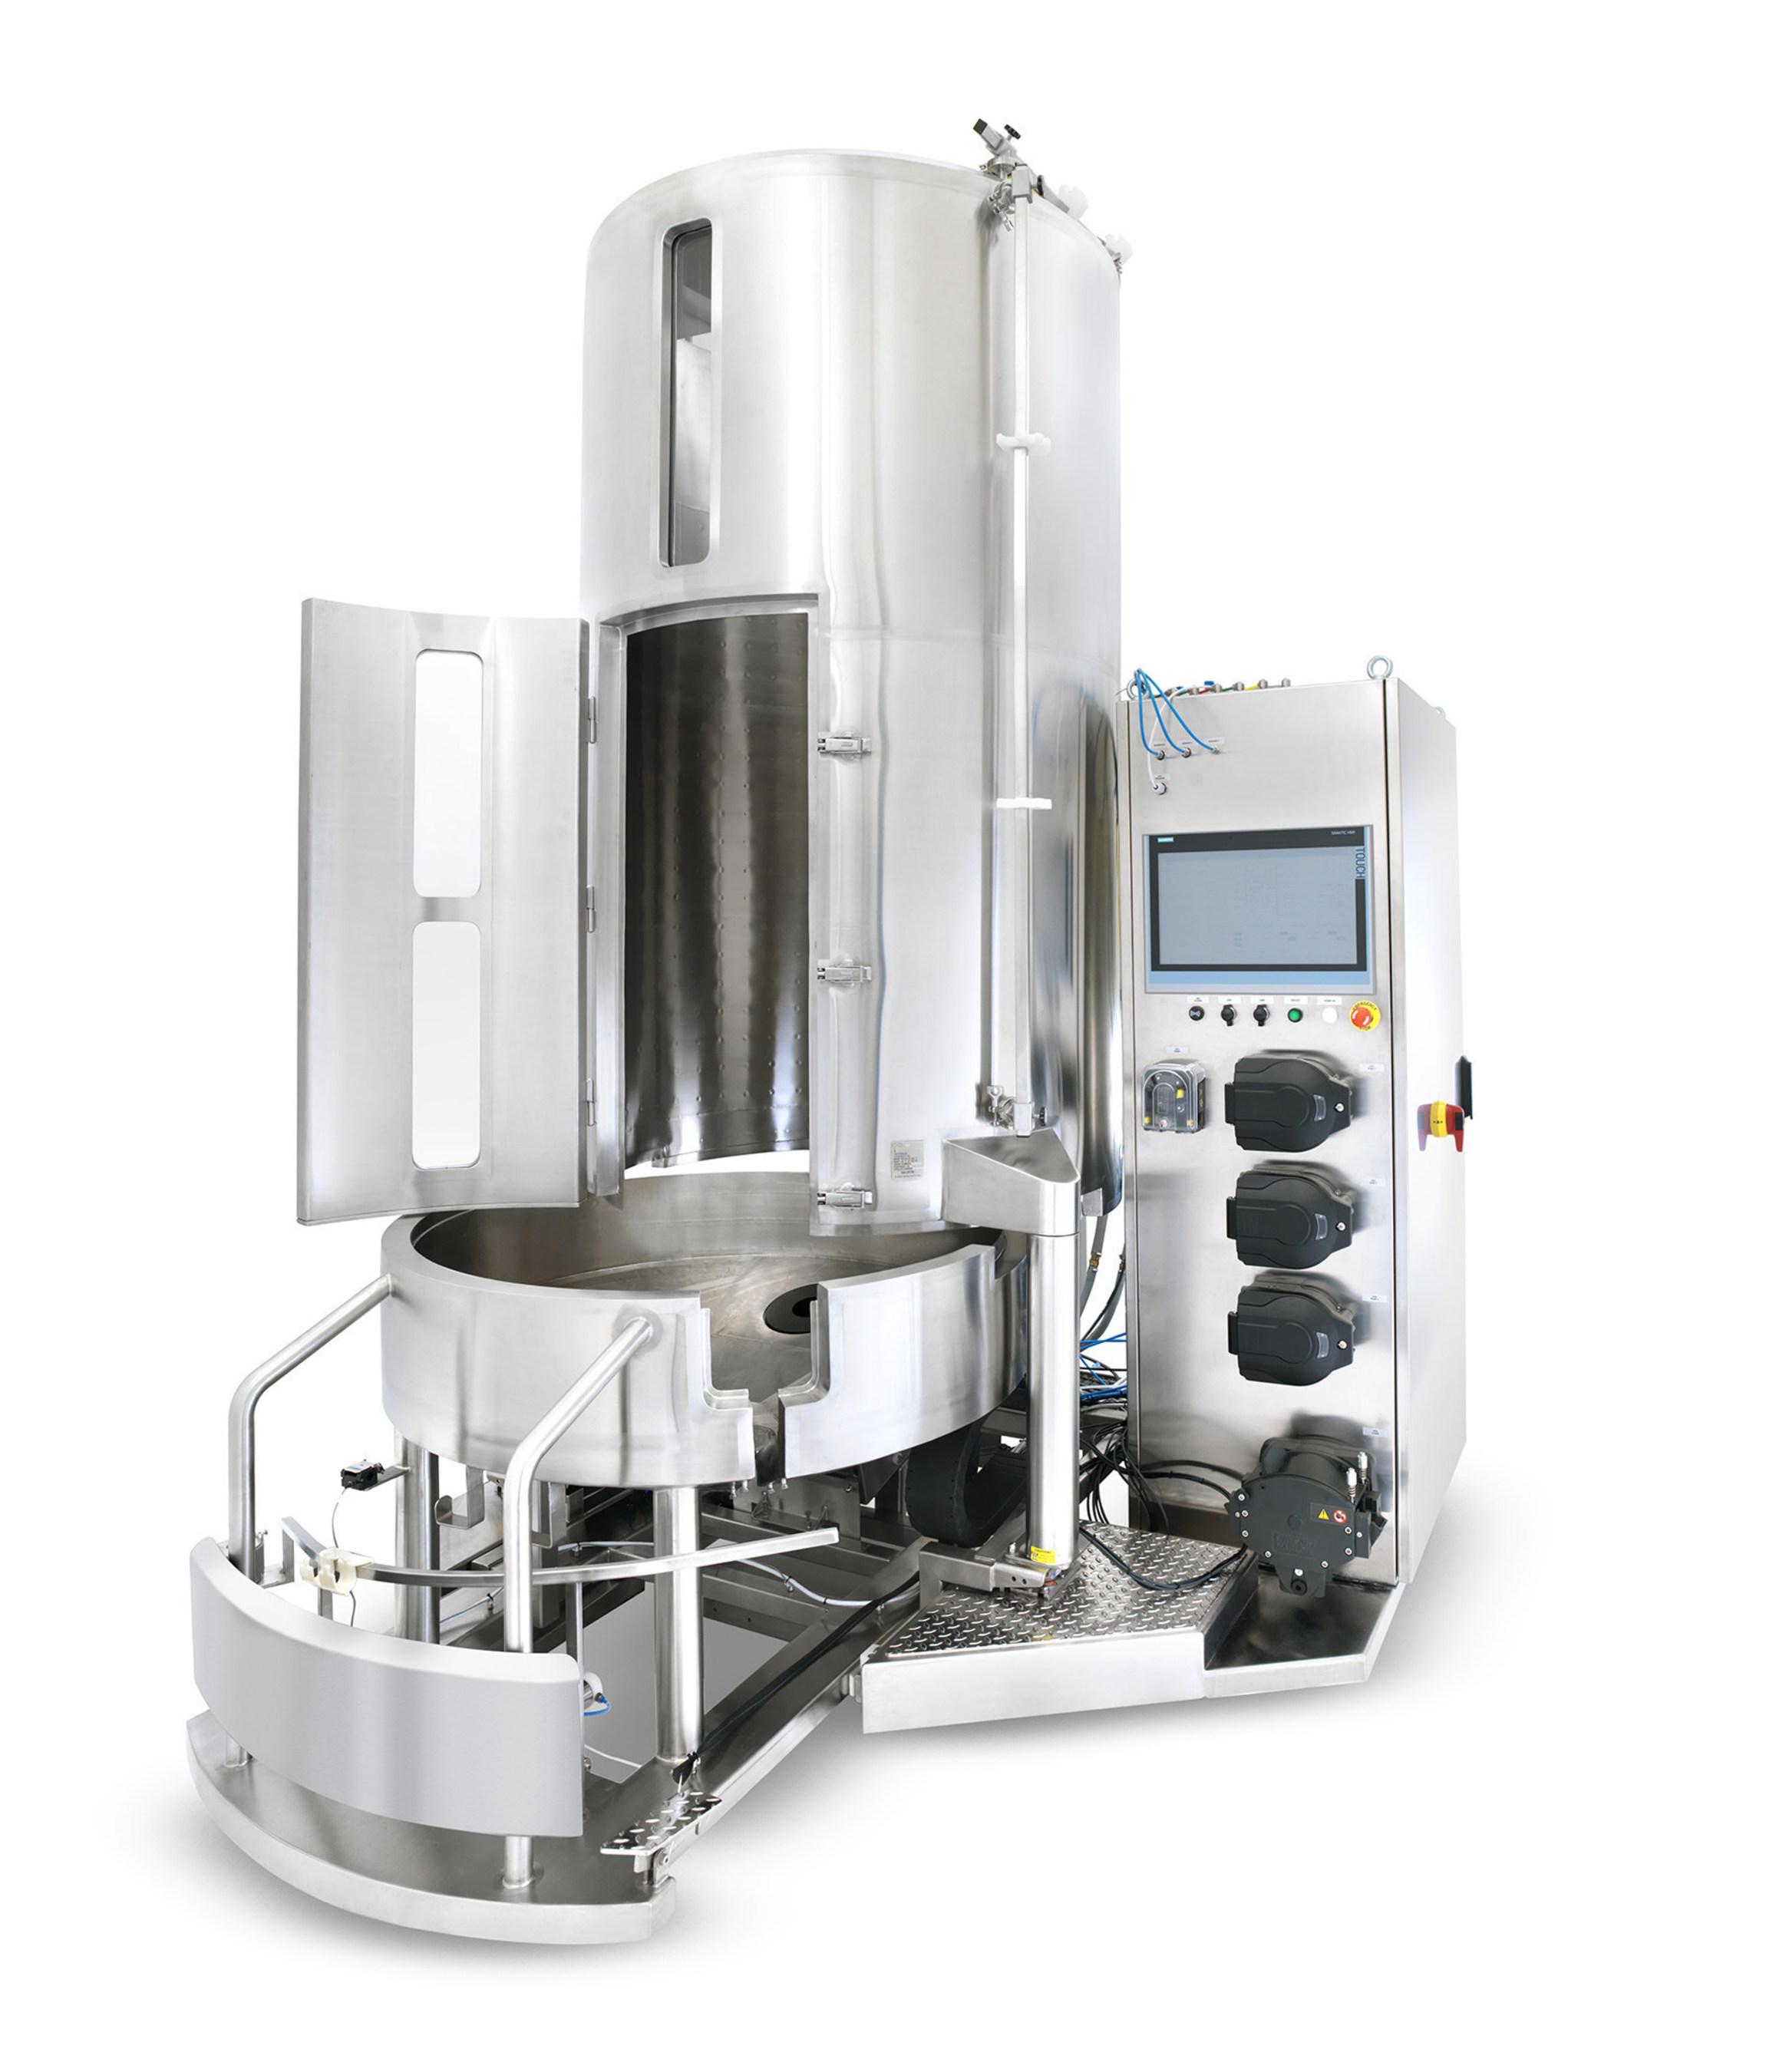 Merck Millipore stellt Mobius® 2000 Liter Einweg-Bioreaktor vor Branchenweit führendes